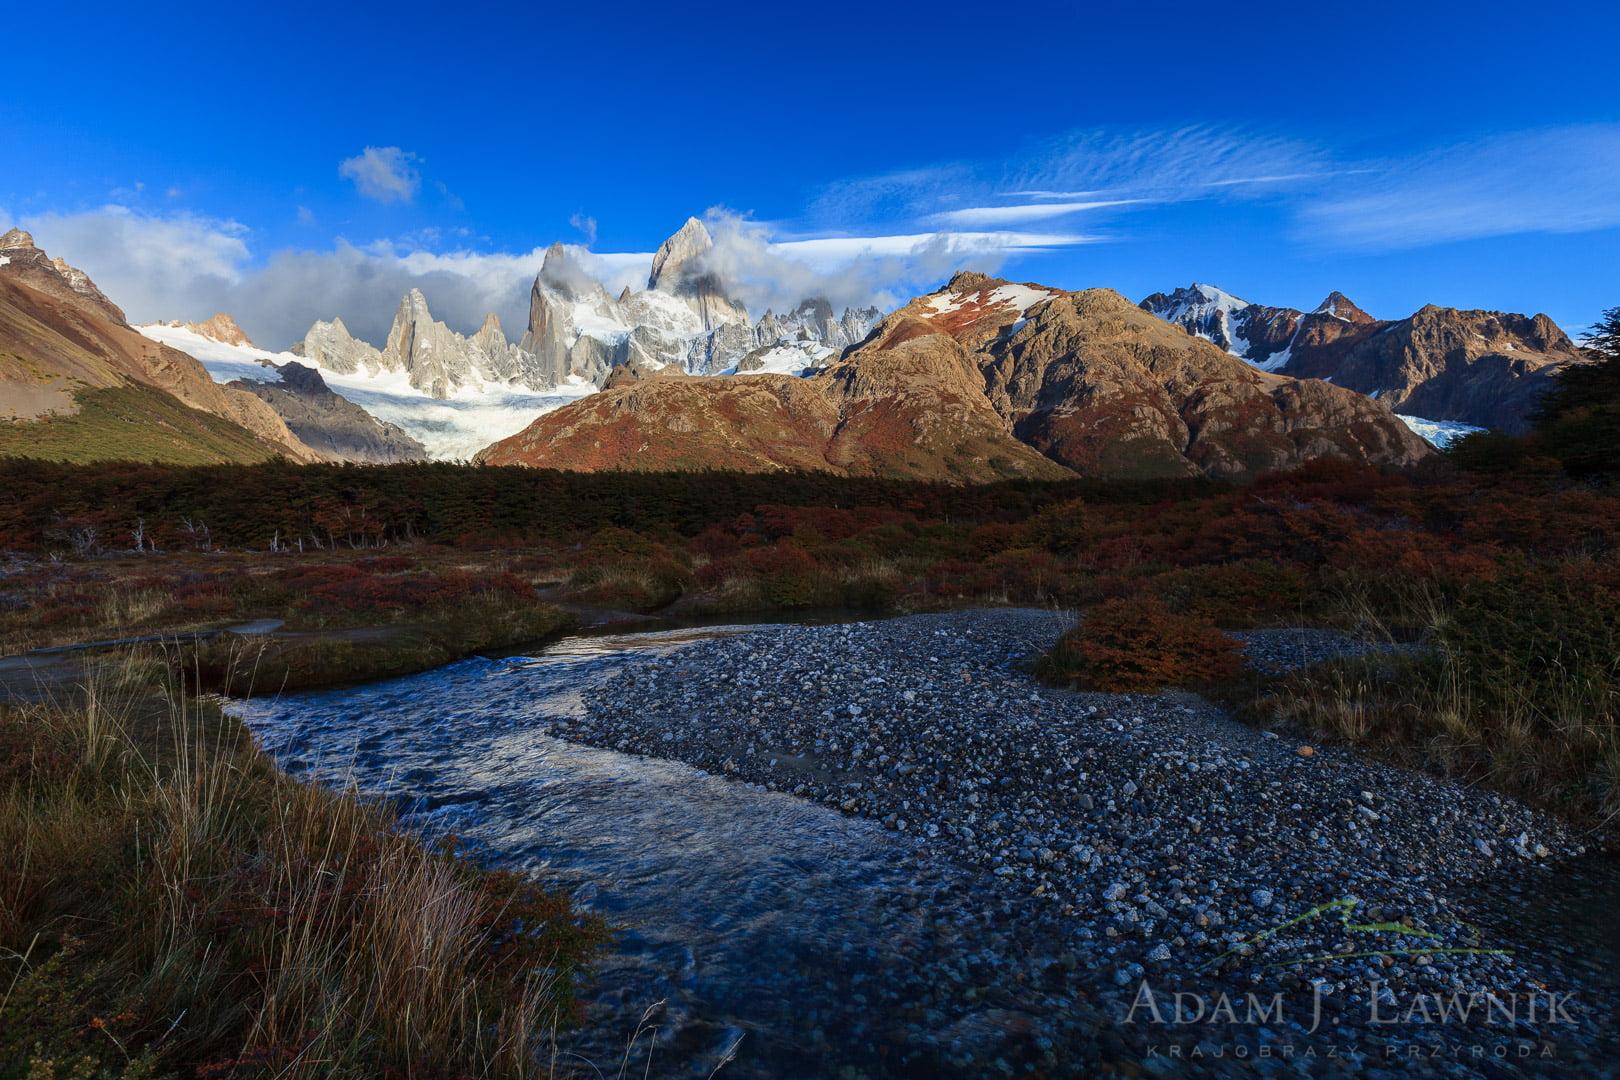 Patagonia, Argentina 1203-00638C